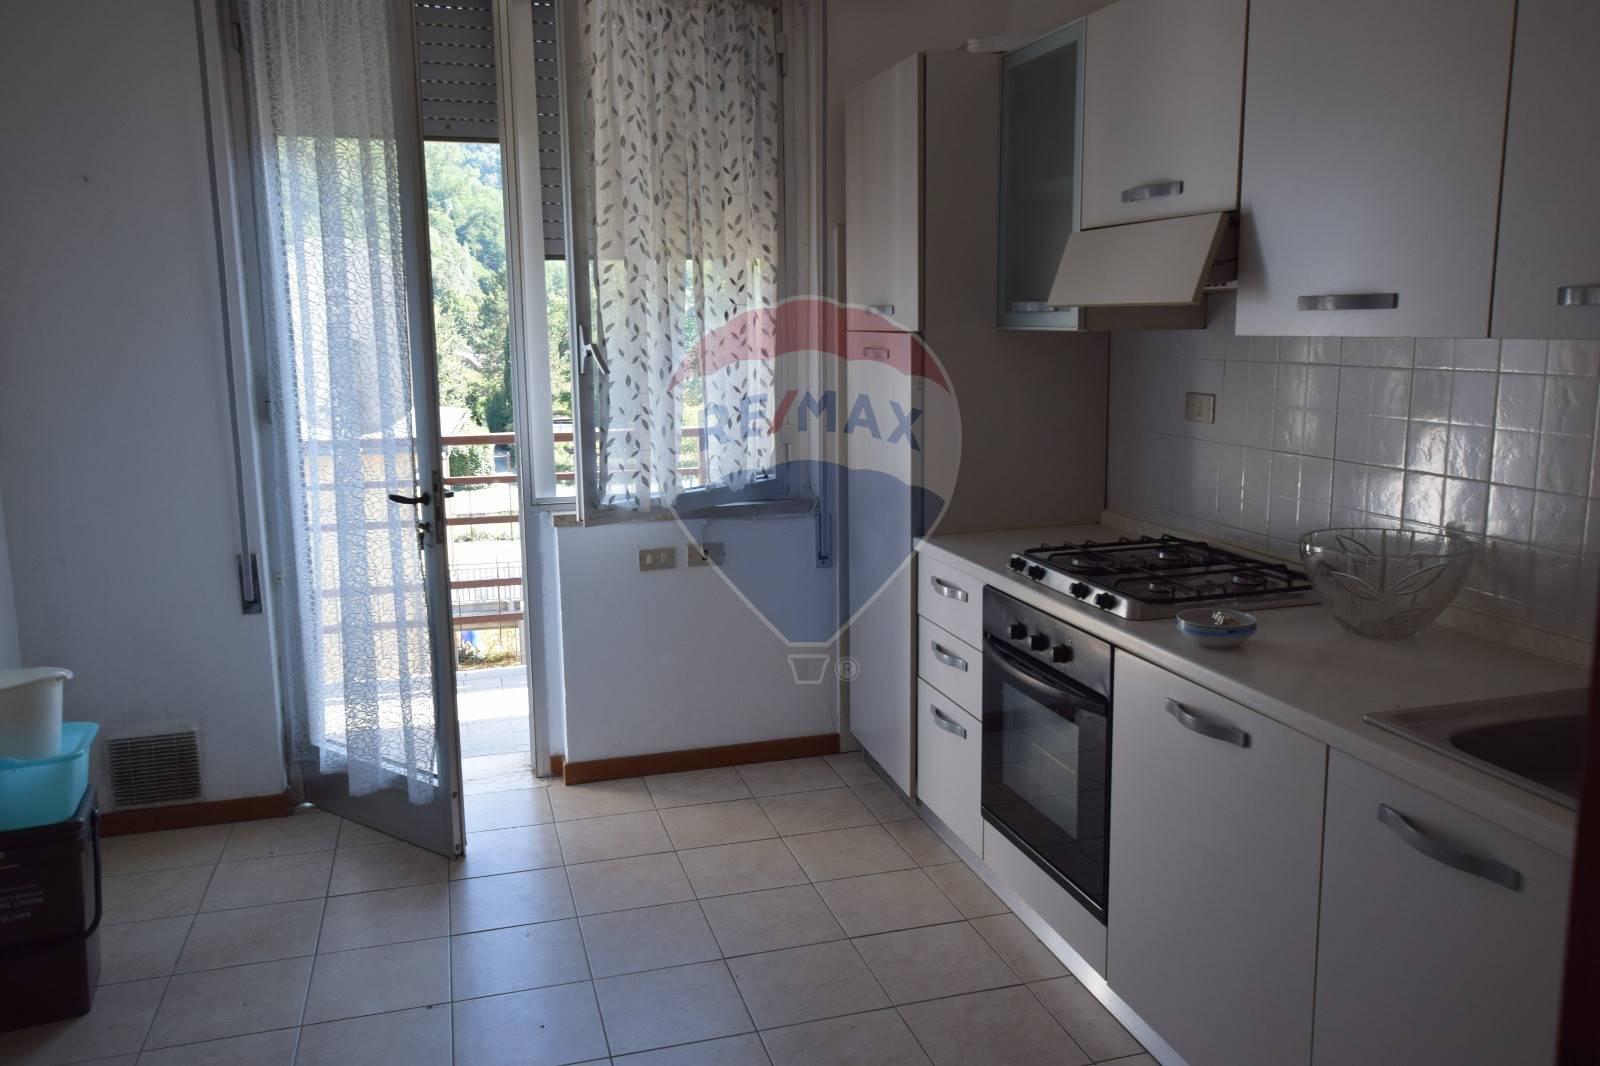 Appartamento in affitto a Bagni di Lucca, 7 locali, zona Zona: Fornoli, prezzo € 550 | CambioCasa.it